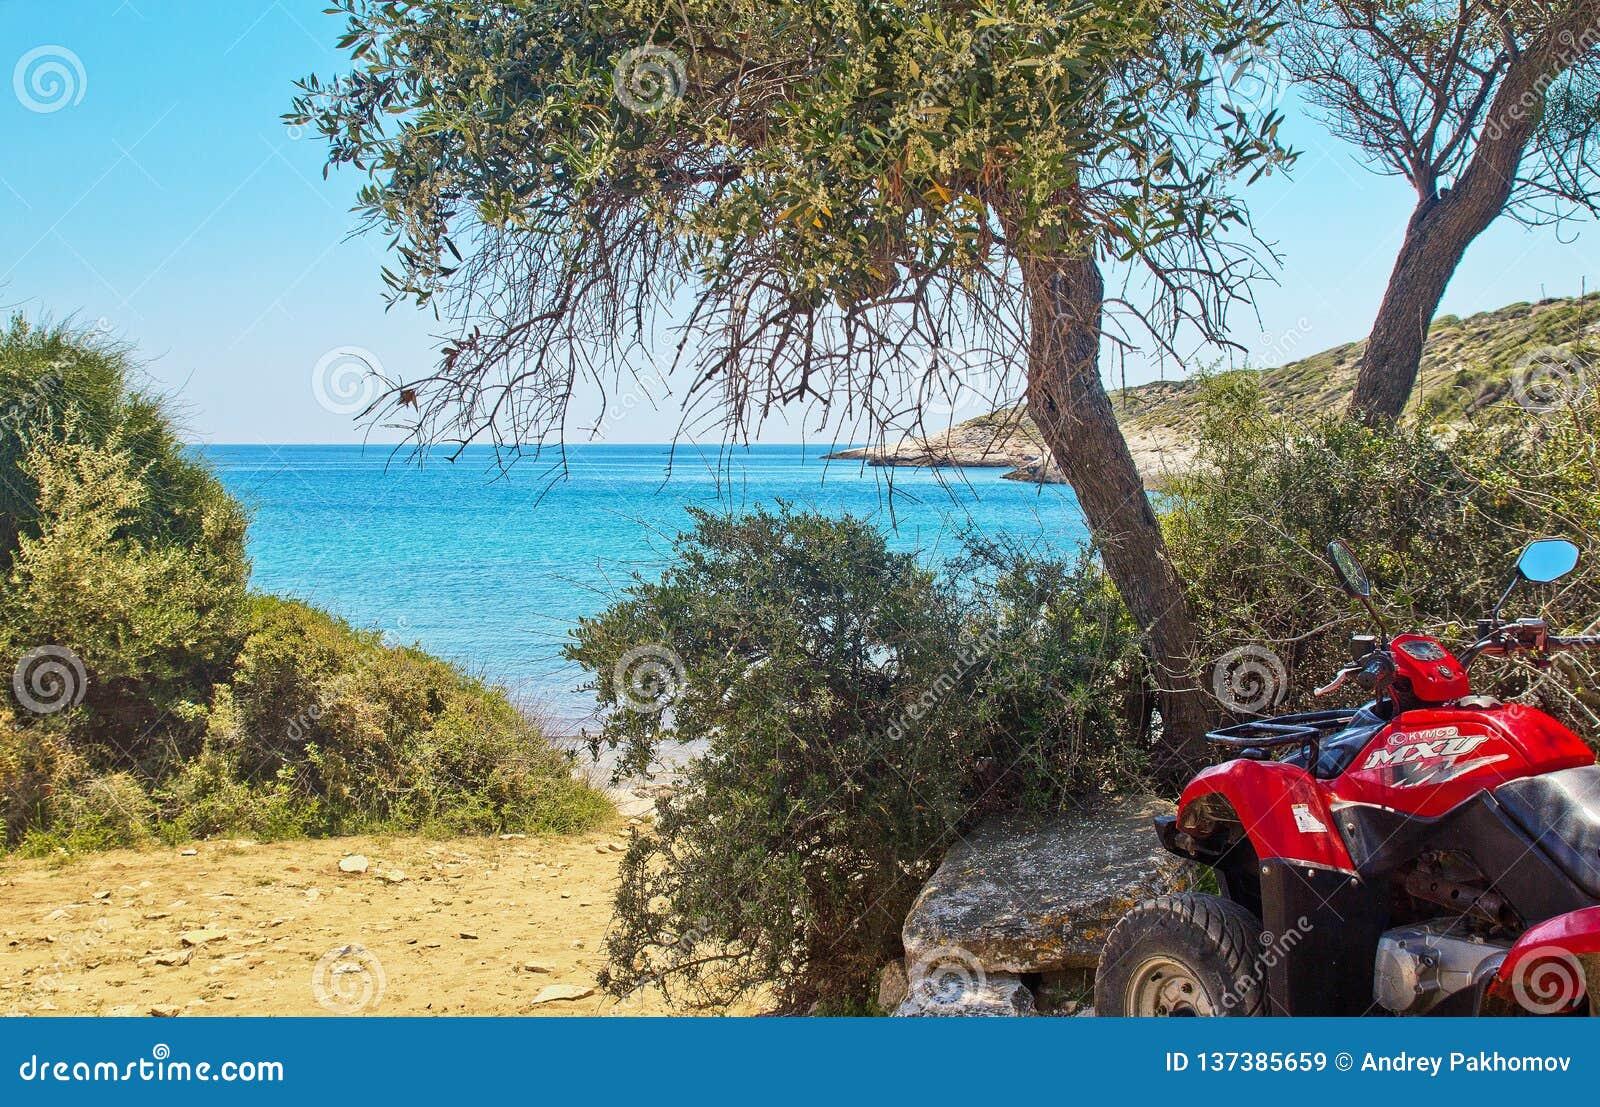 O ATV é estacionado no litoral na ilha de Thassos, Grécia ideia do cenário bonito